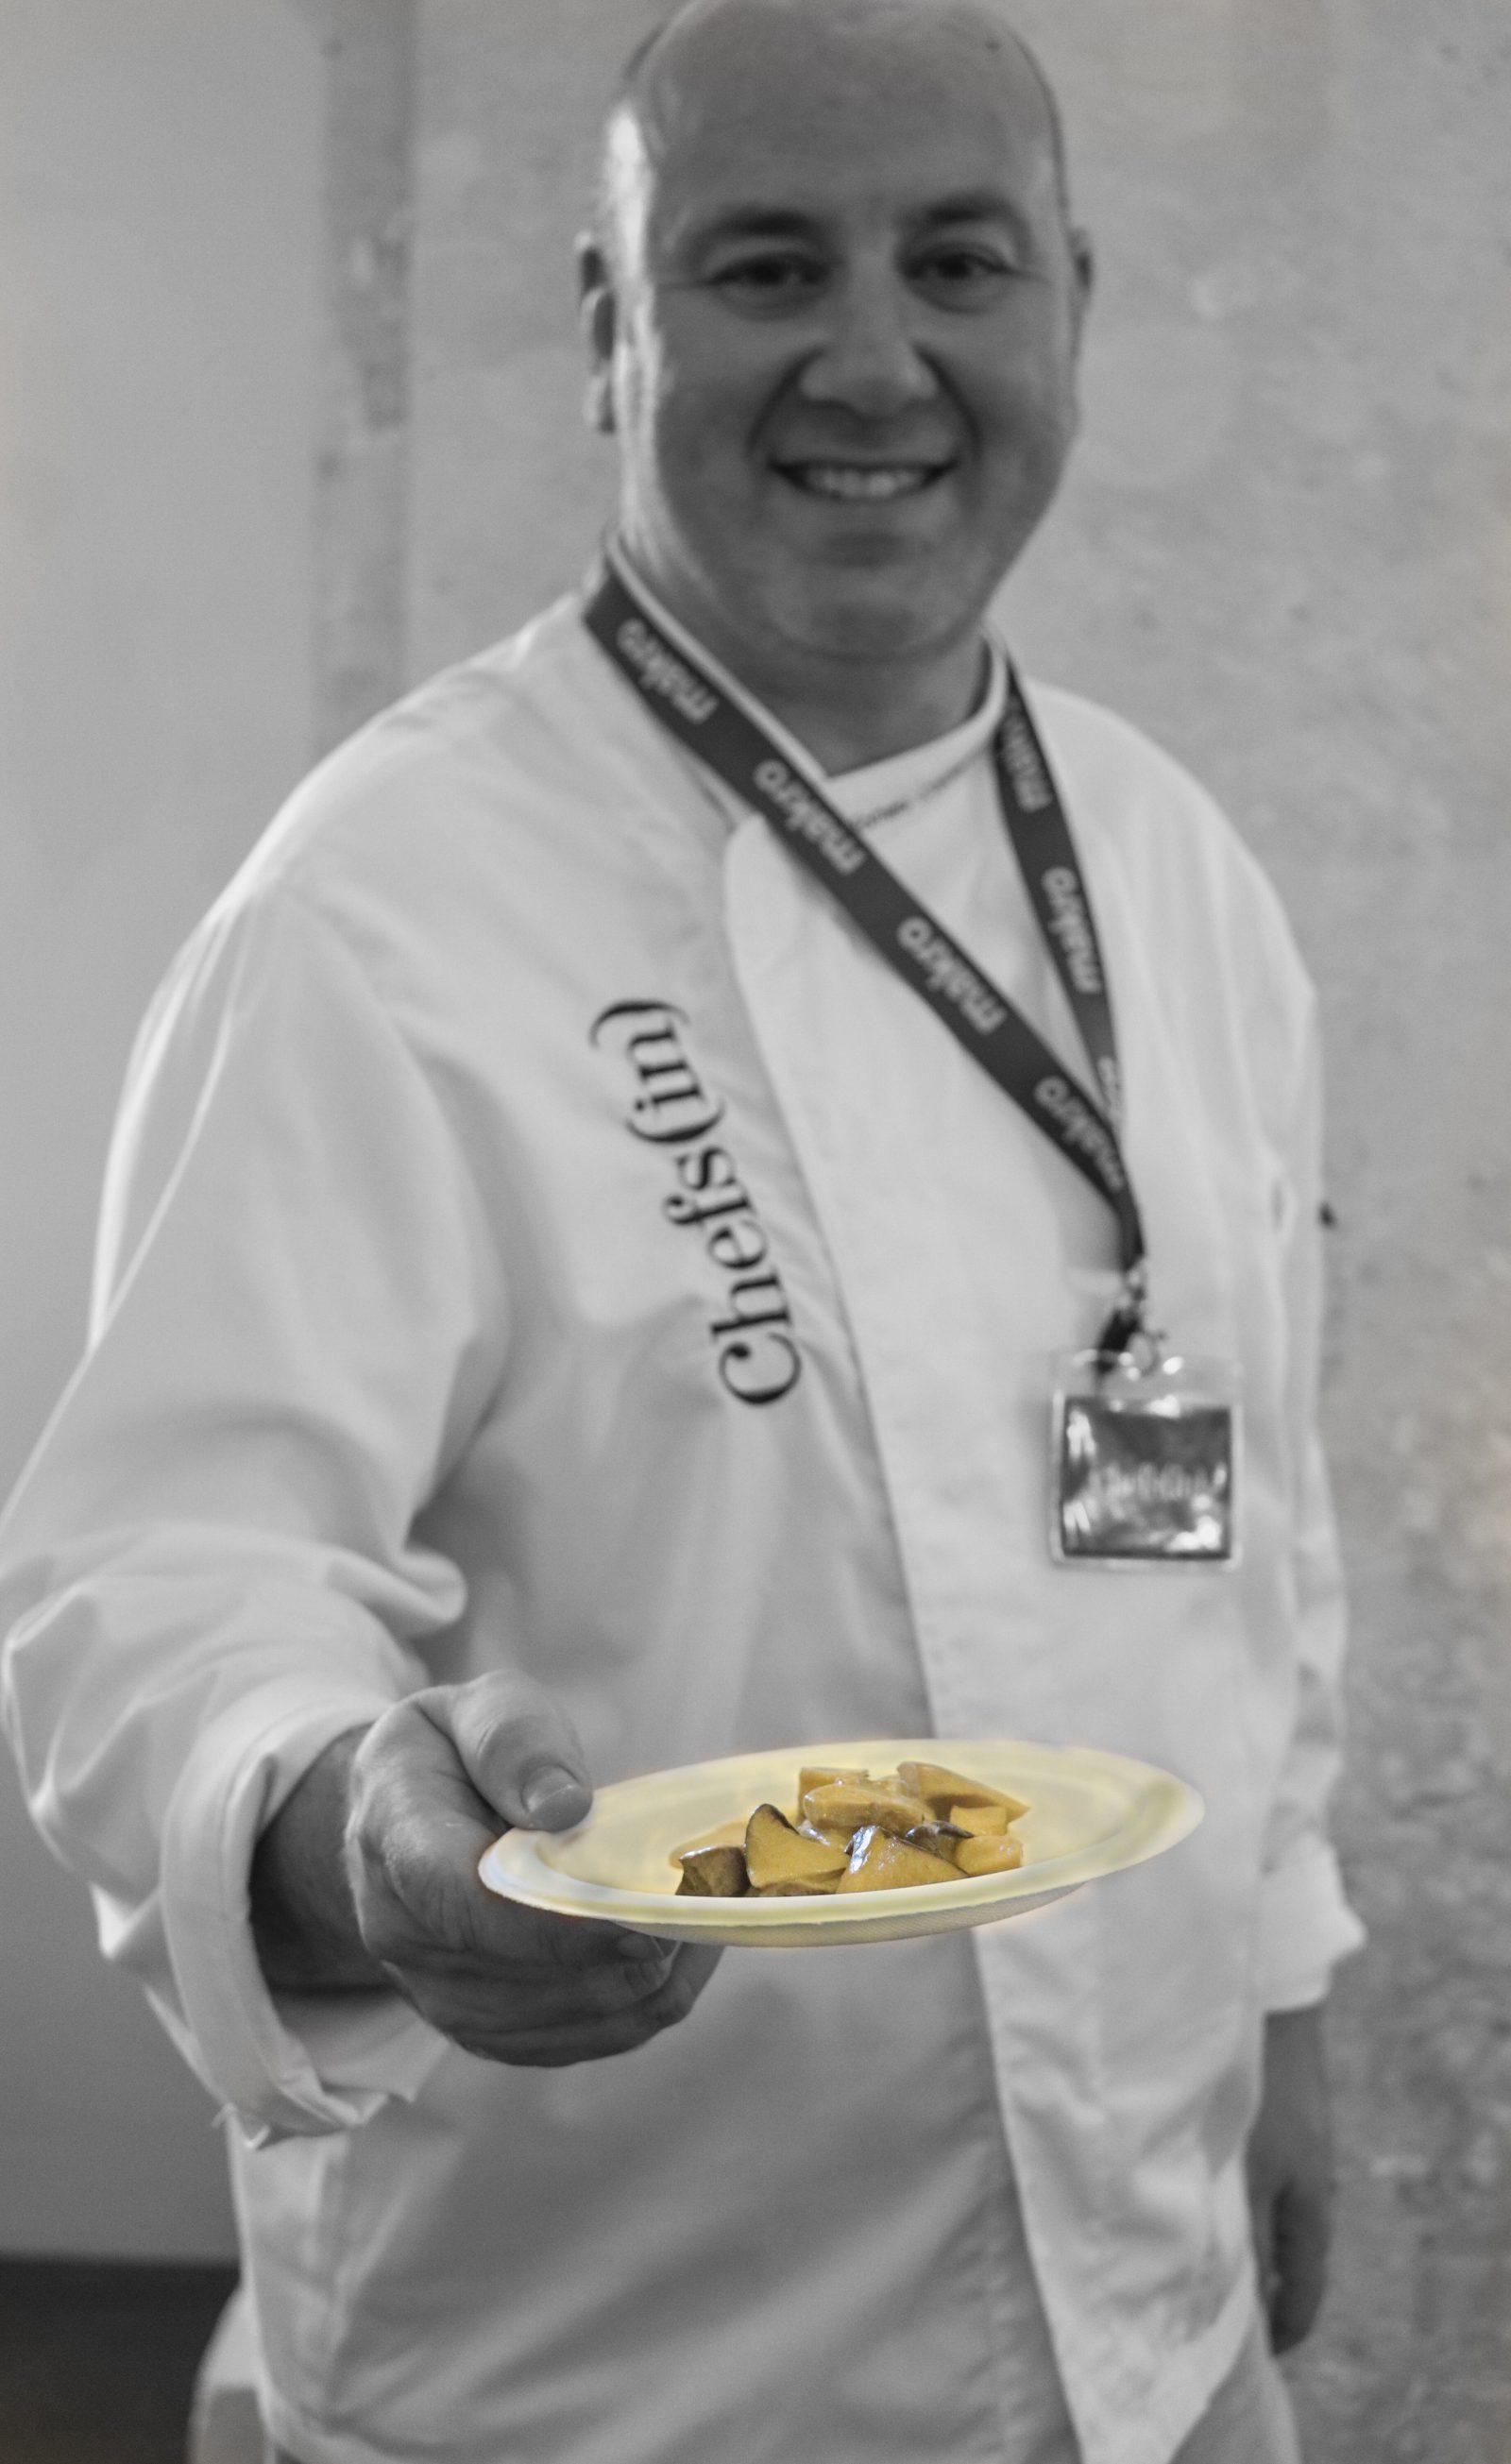 Tomeu Caldentey Peccata Minuta Menorca 2017 - Chefsin